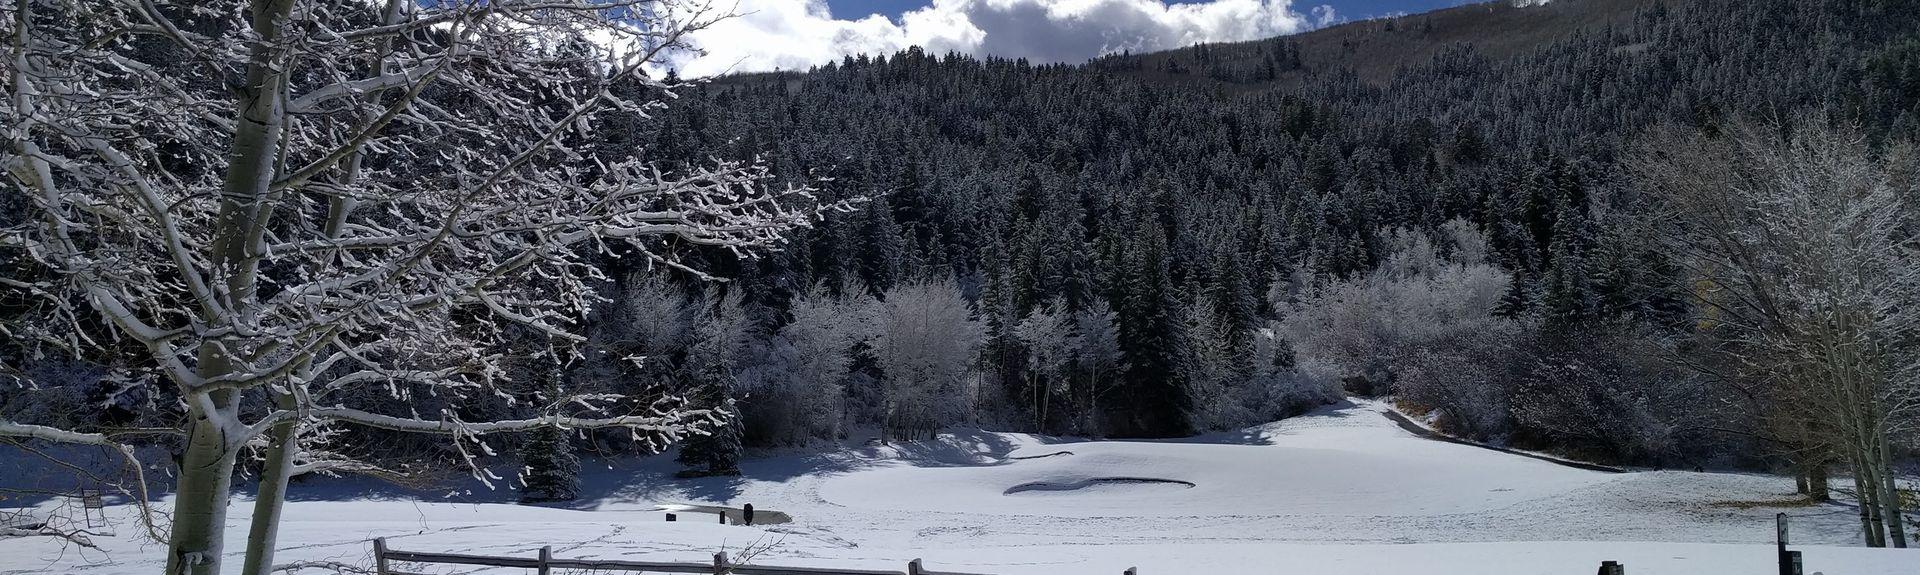 Estábulos de Beaver Creek, Beaver Creek, Colorado, Estados Unidos